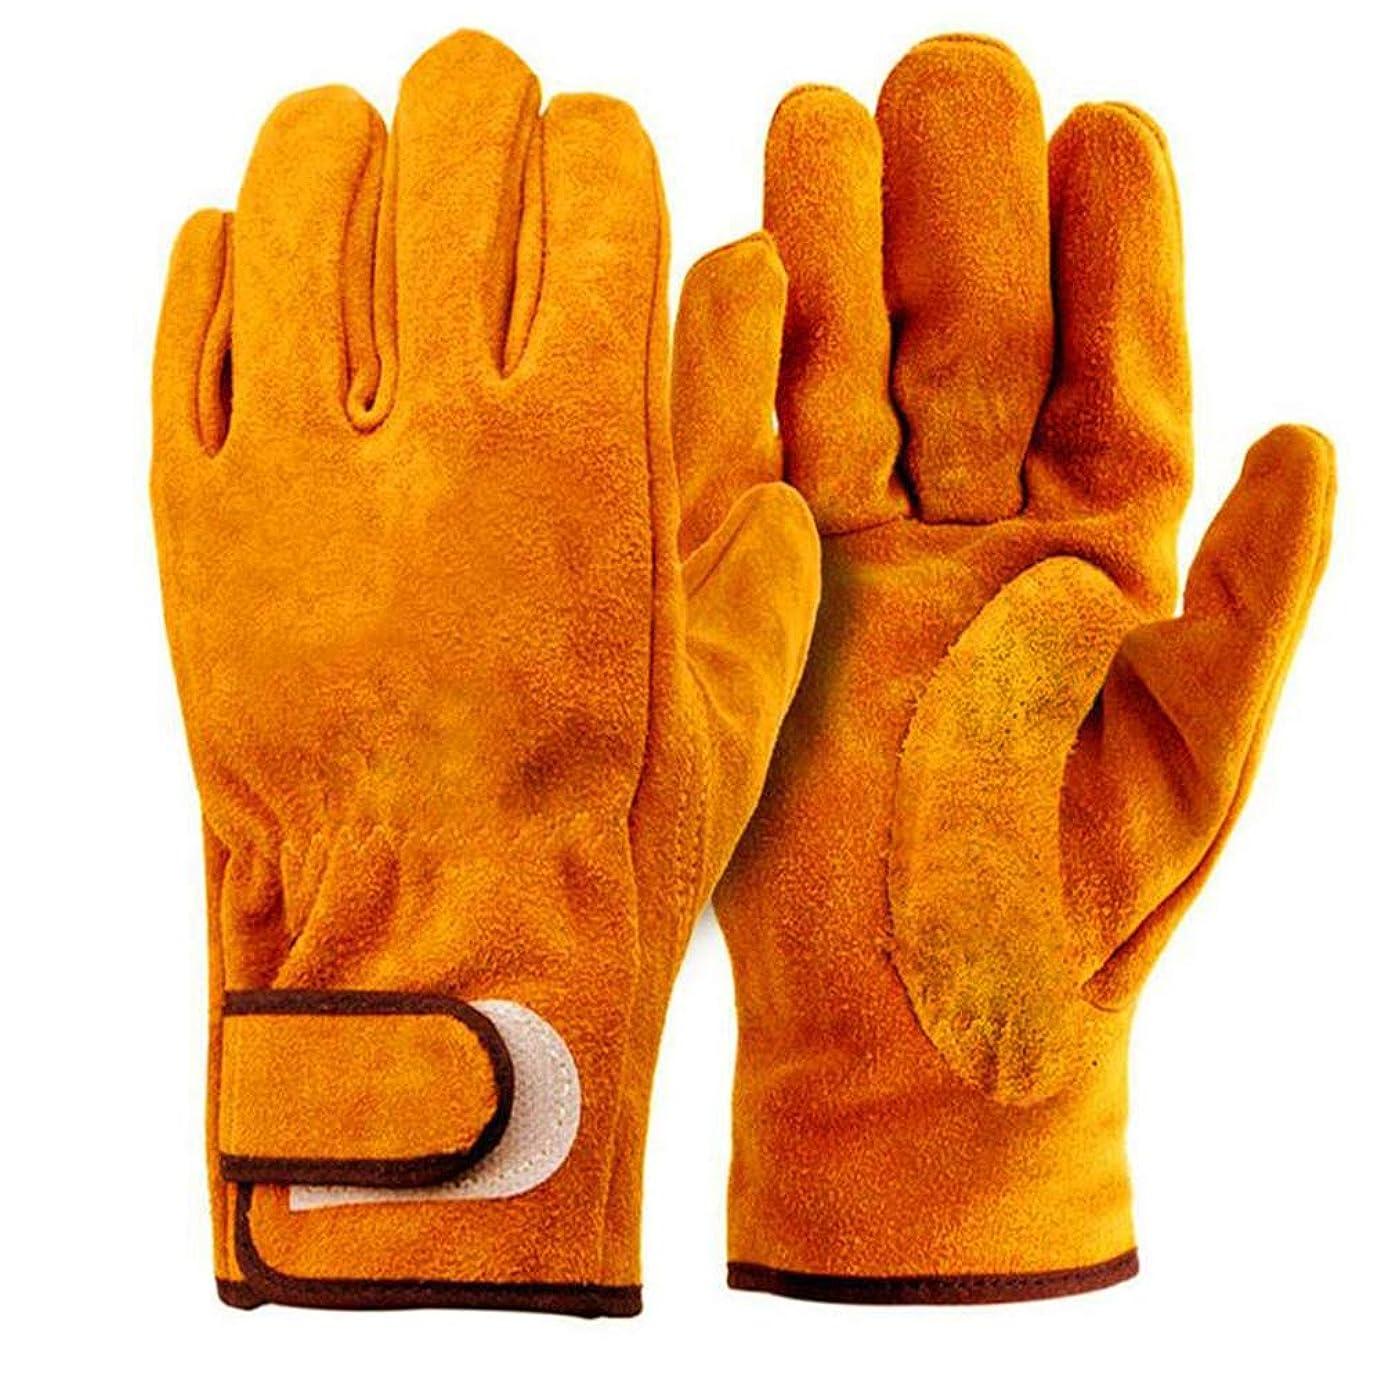 依存オレンジ計画的耐熱 手袋 キャンプグローブ レザーグローブ BBQ 耐熱グローブ アウトドア用 作業革手袋 MLS301